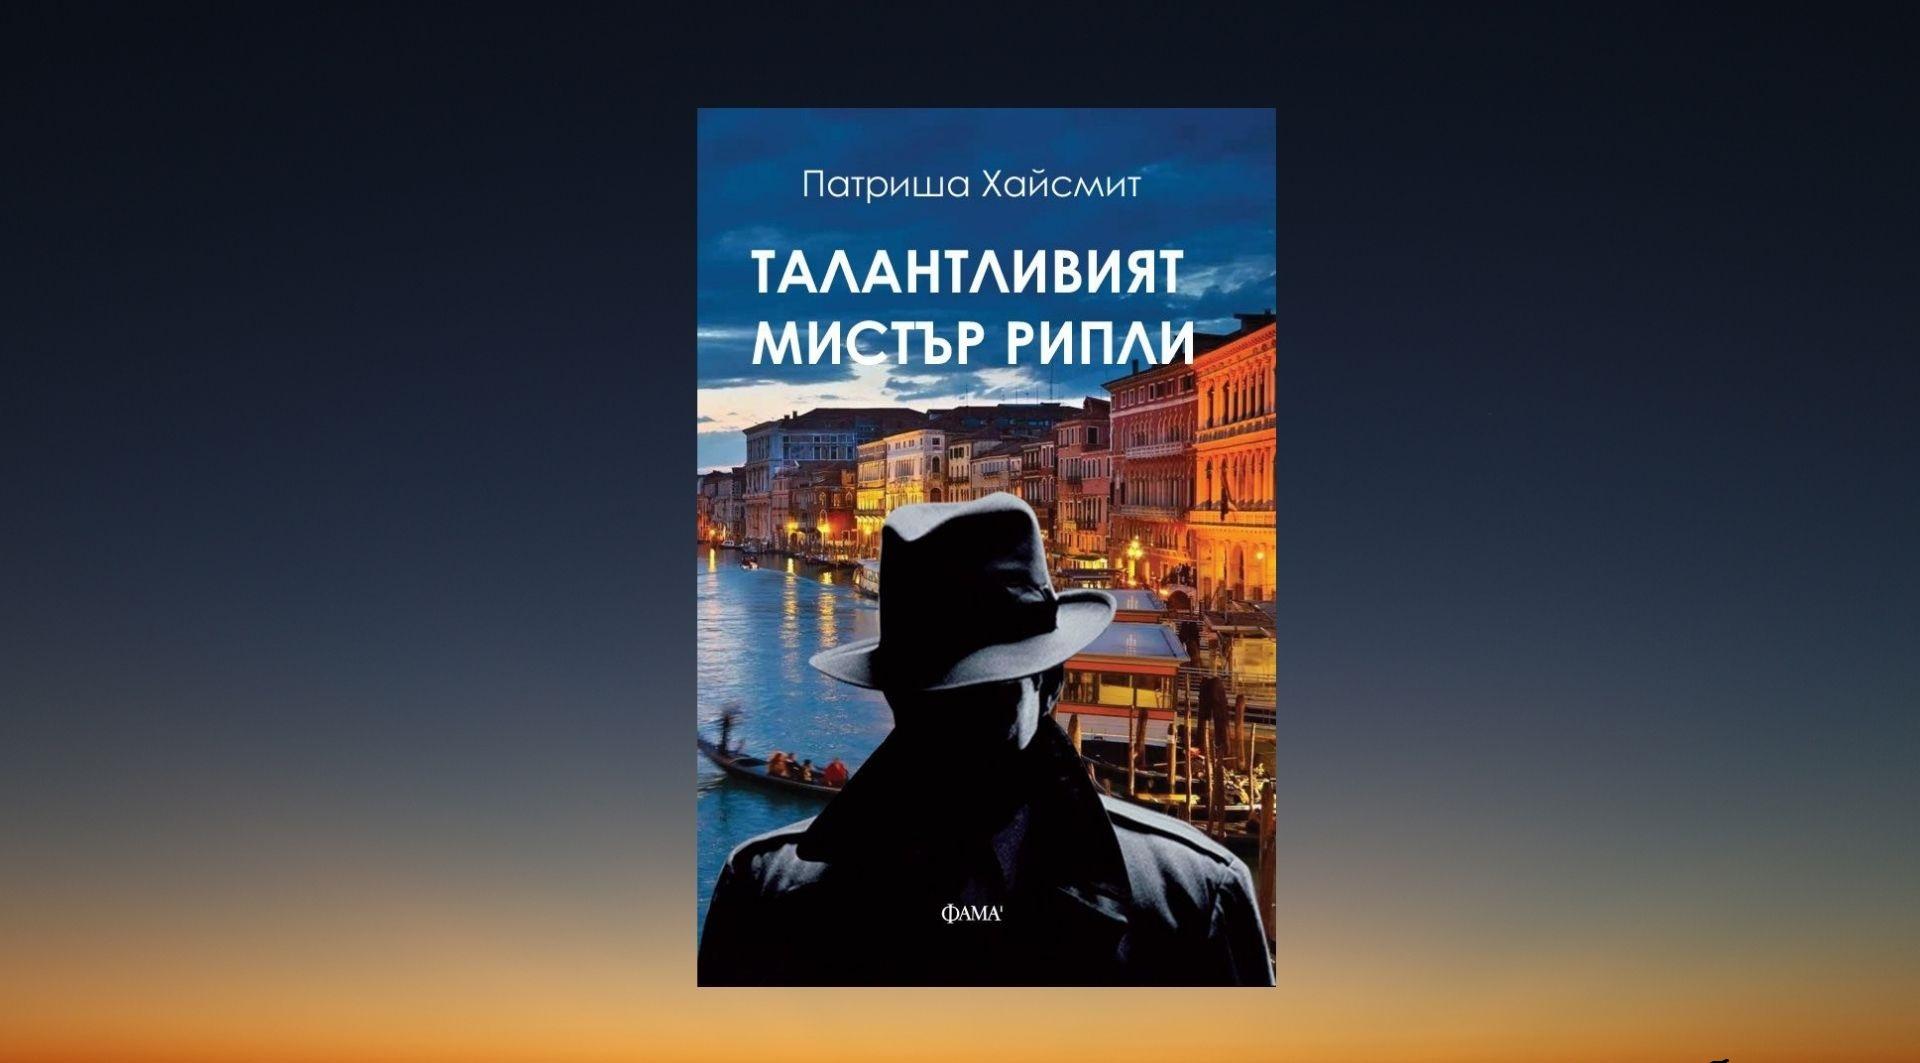 """Читателски клуб на НБУ: Разговор за """"Талантливият Мистър Рипли"""" на Патриша Хайсмит"""